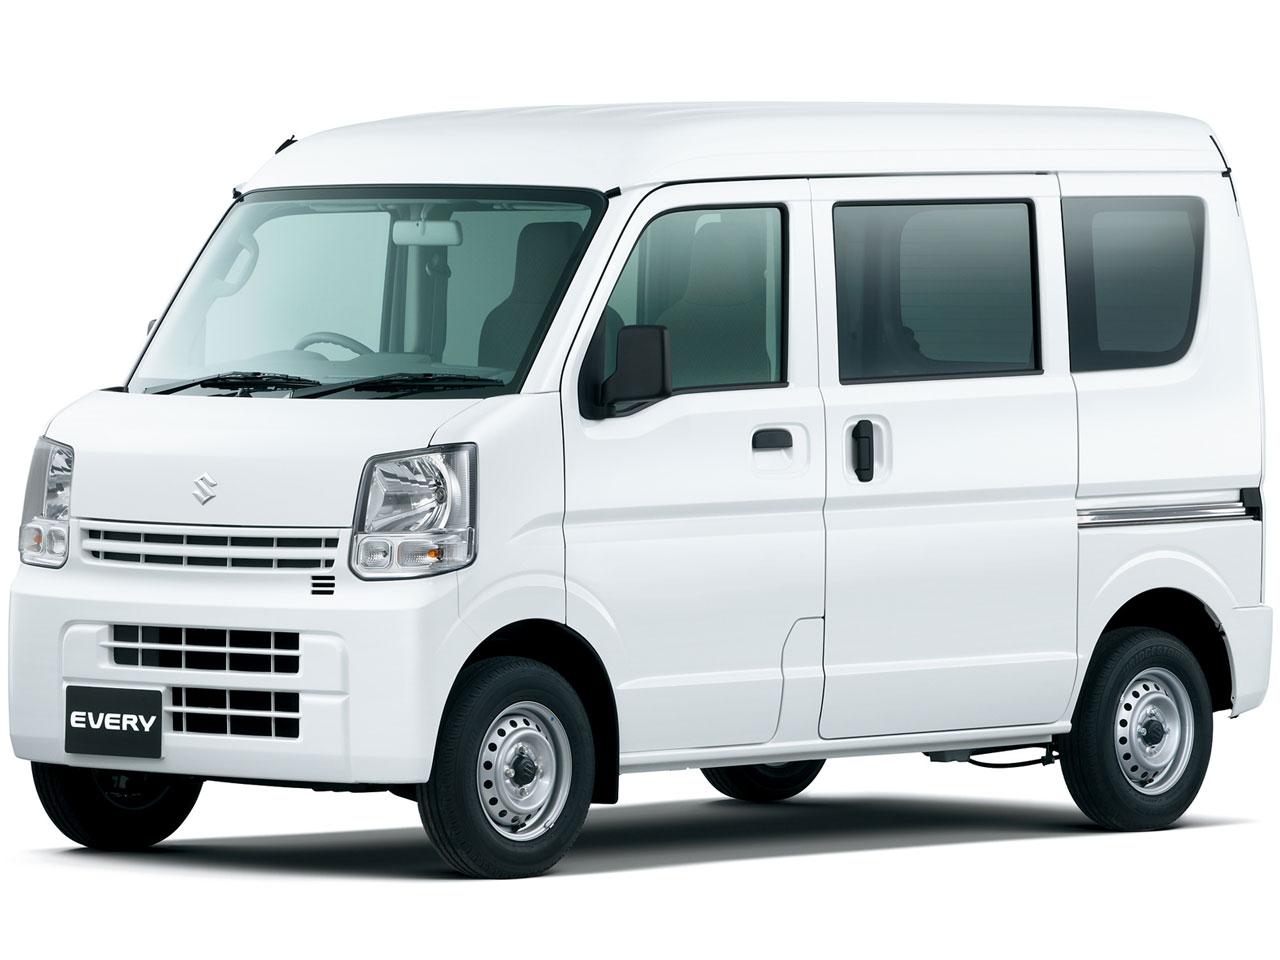 スズキ エブリイ 商用車 2015年モデル 新車画像